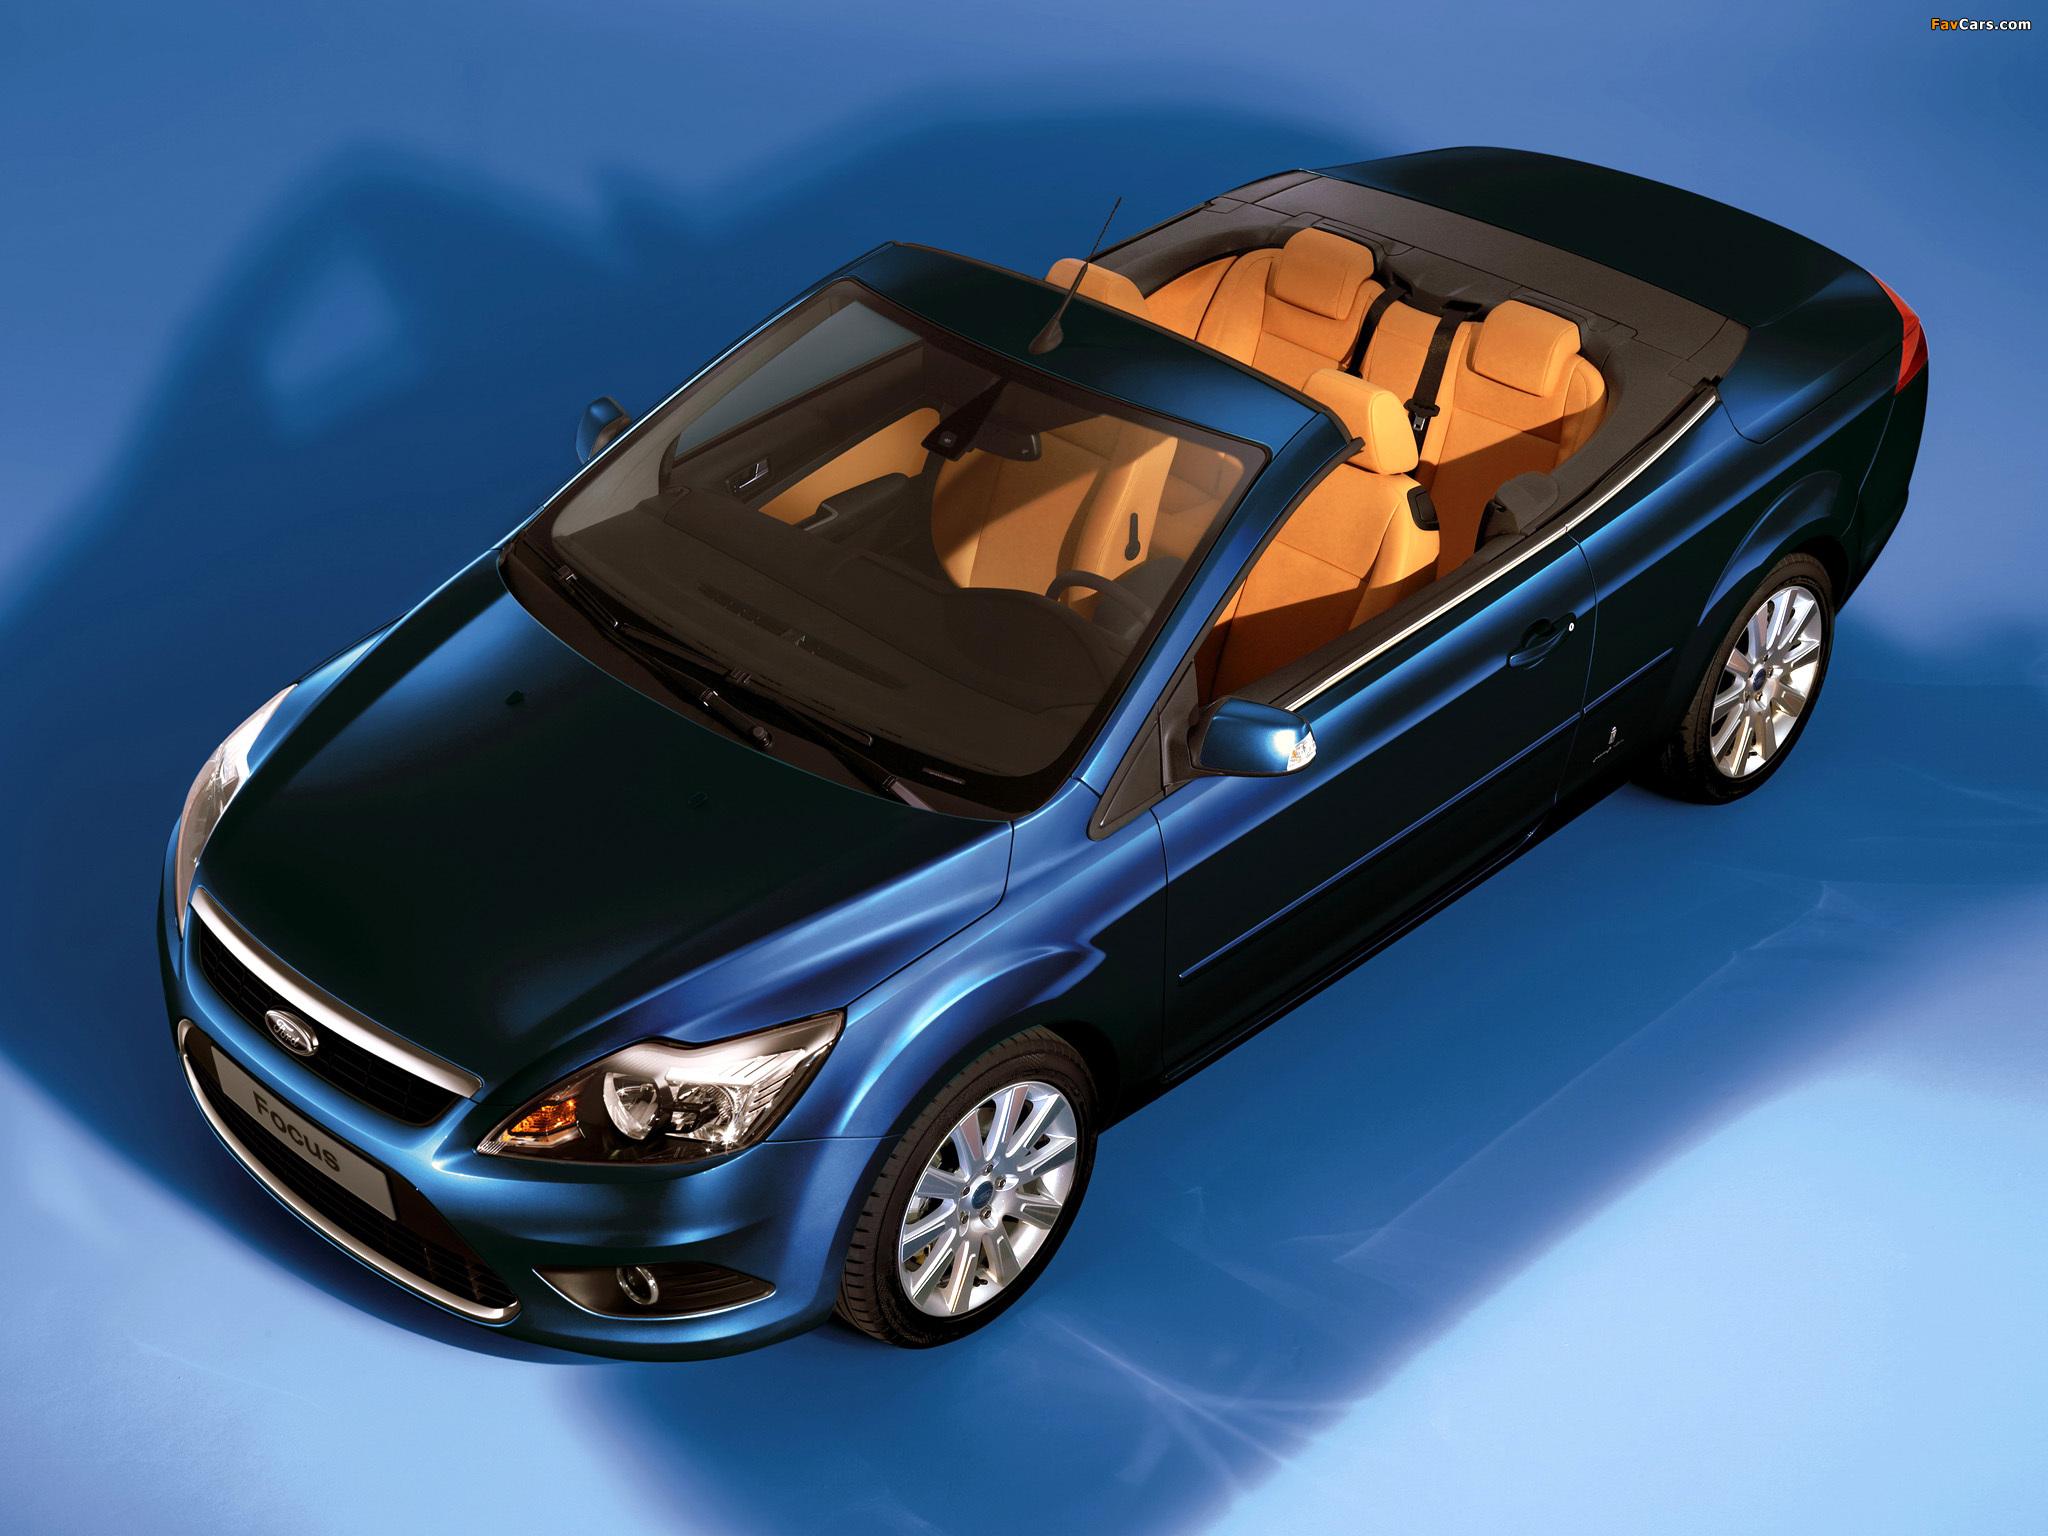 Ford Mustang - история, поколения, характеристики, фото